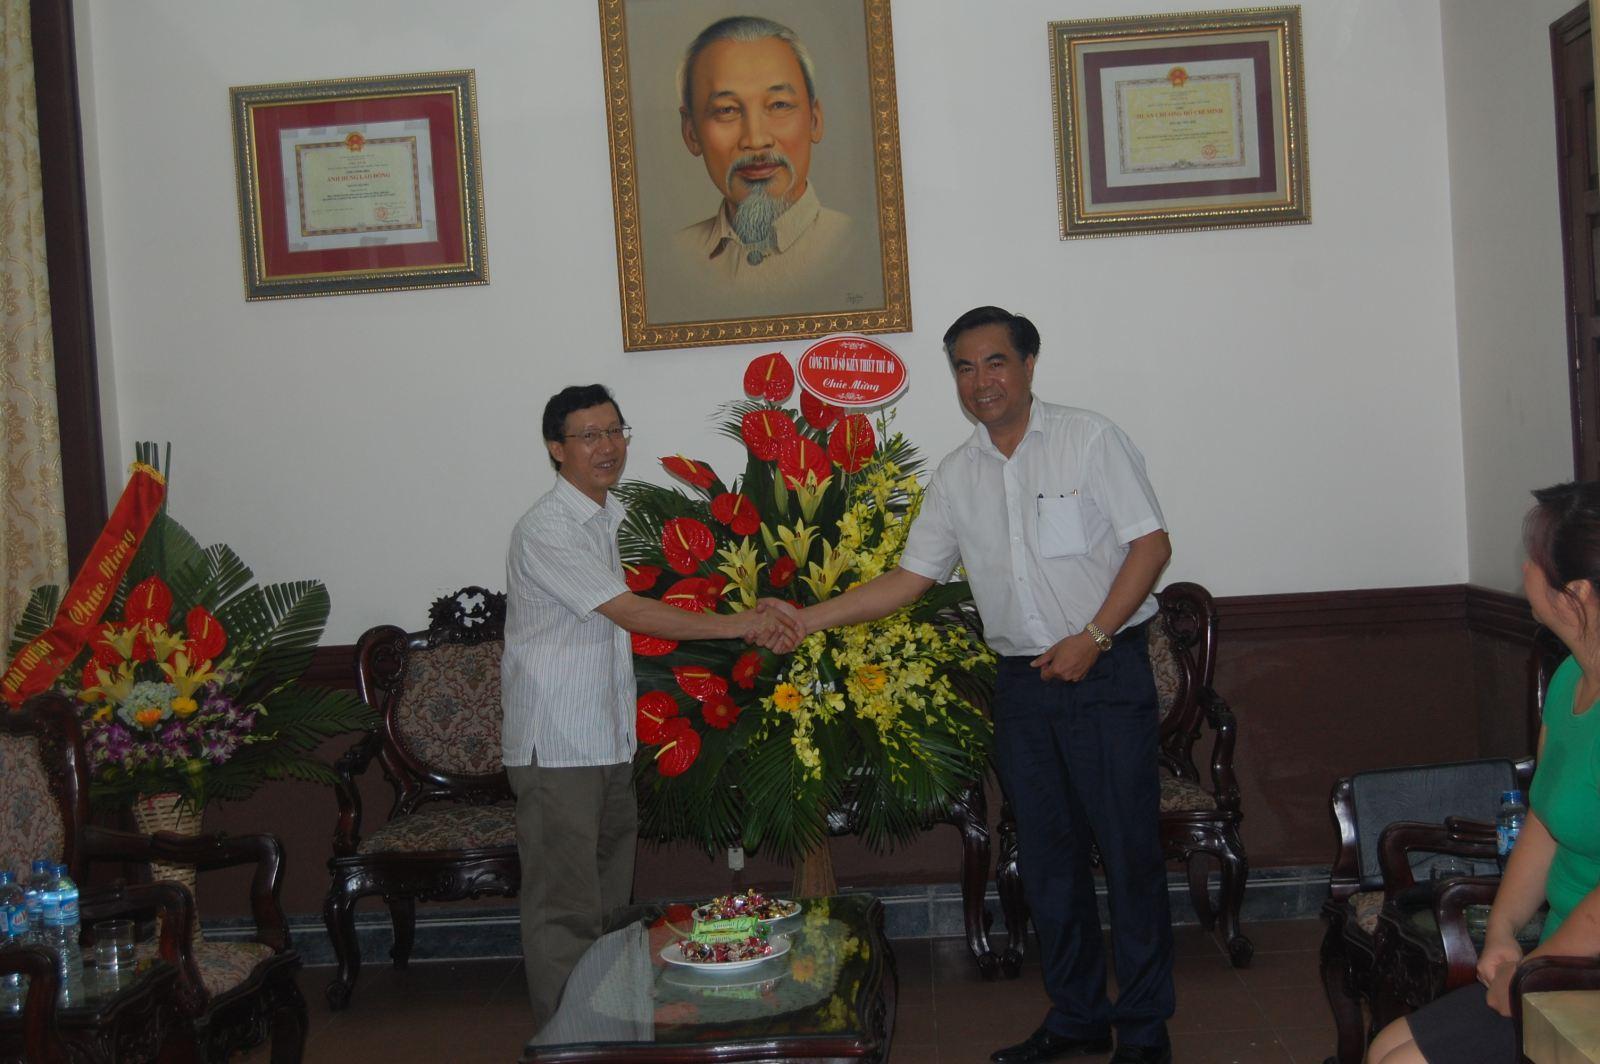 (Đồng chí Lê Đức Thính tặng hoa chúc mừng ngày Nhà báo Việt Nam tại Báo Hà Nội Mới)